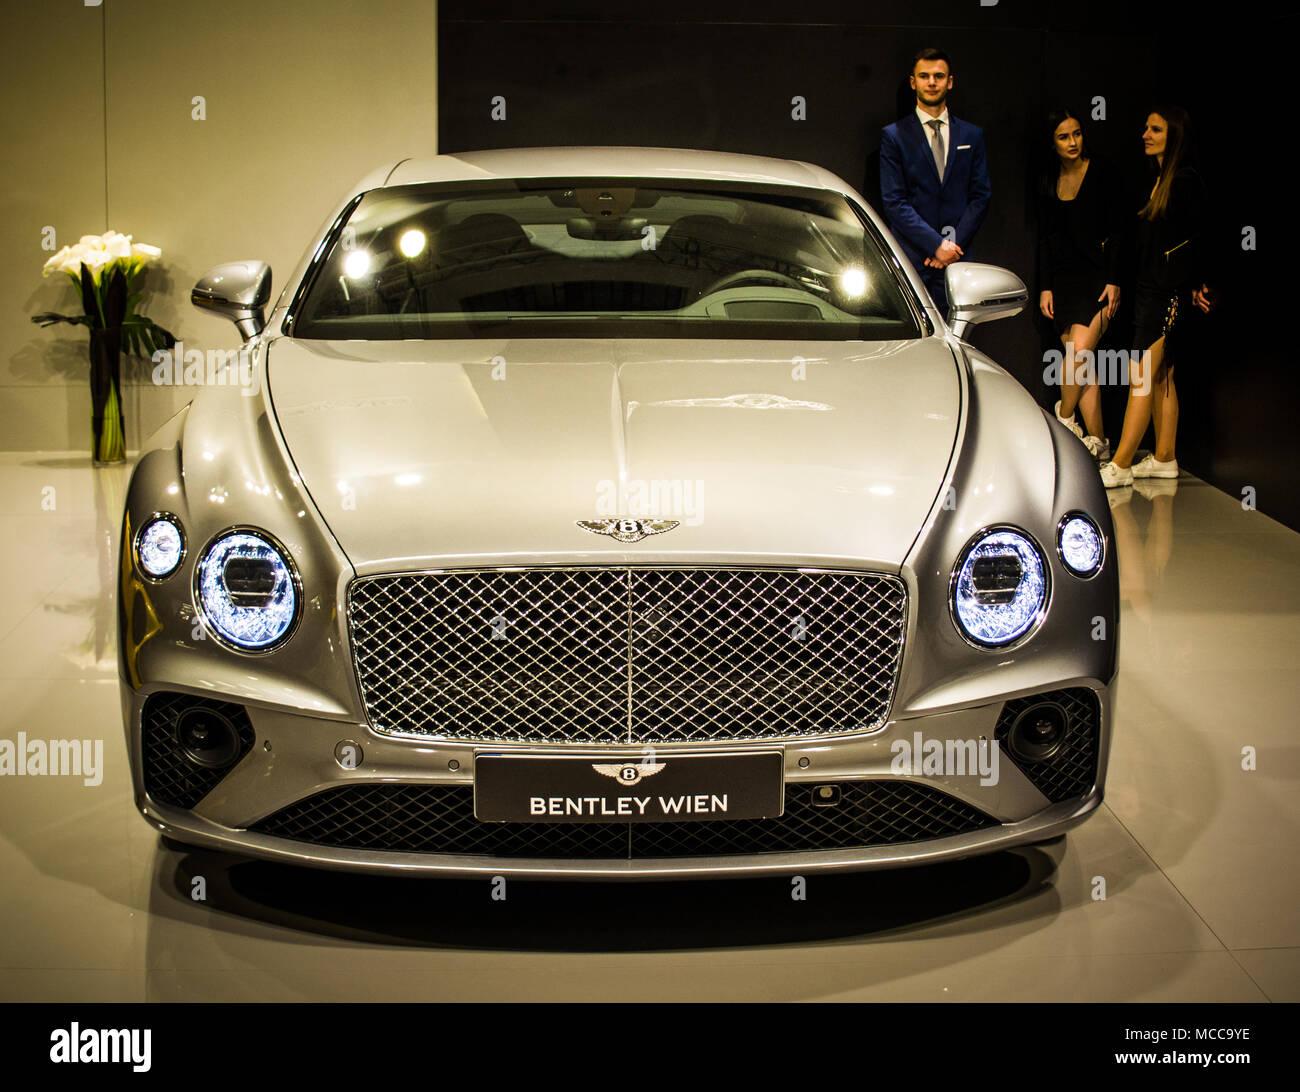 Bentley Wien - Stock Image